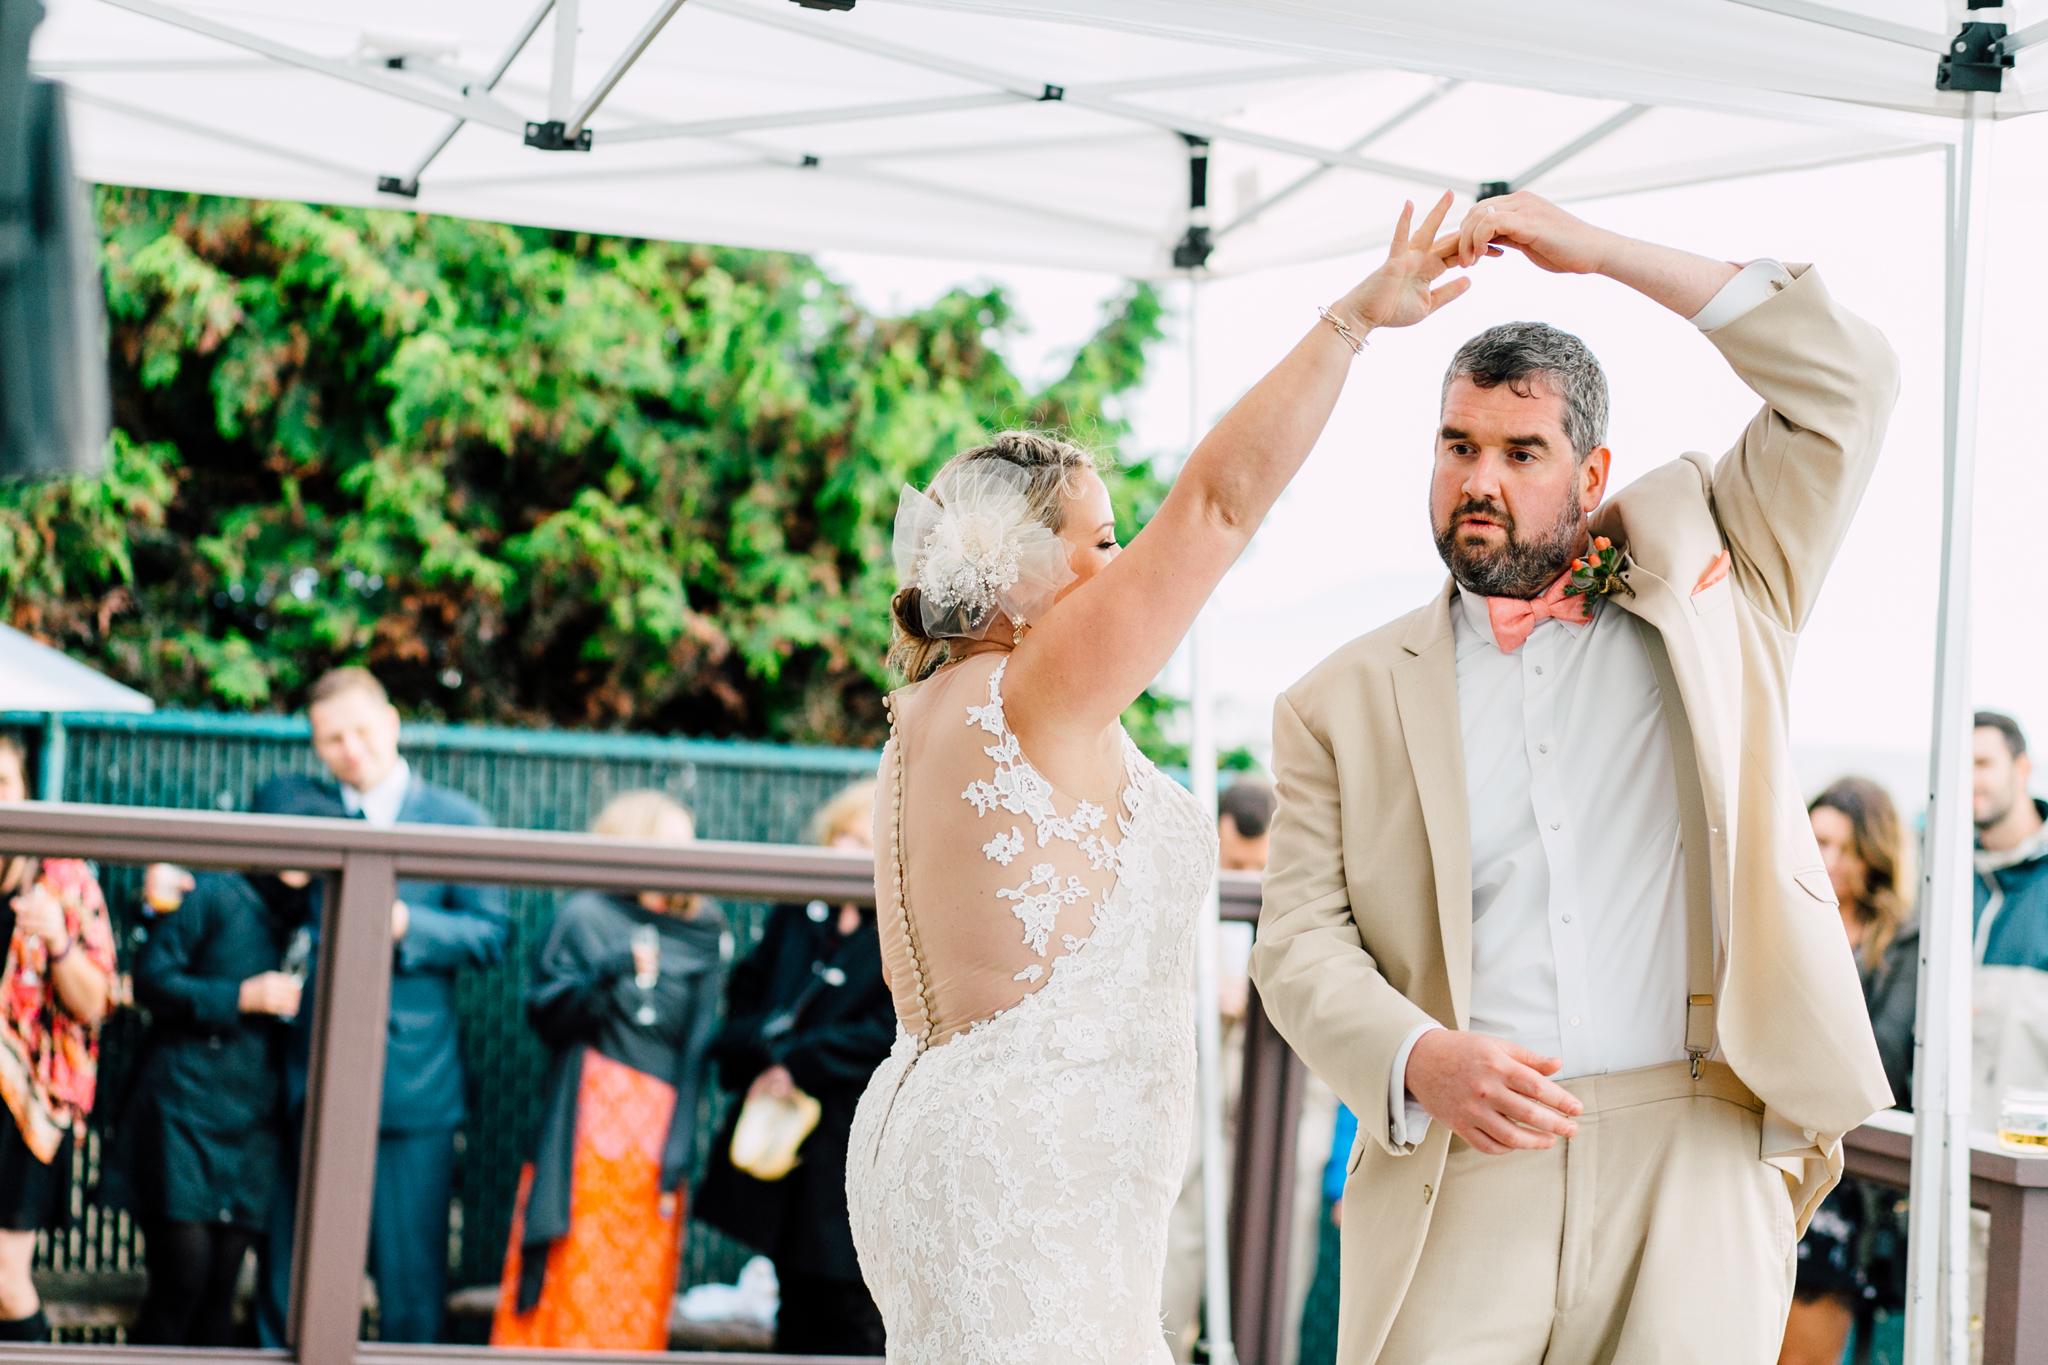 088-bellingham-wedding-photographer-beach-katheryn-moran-elisa-phillip.jpg